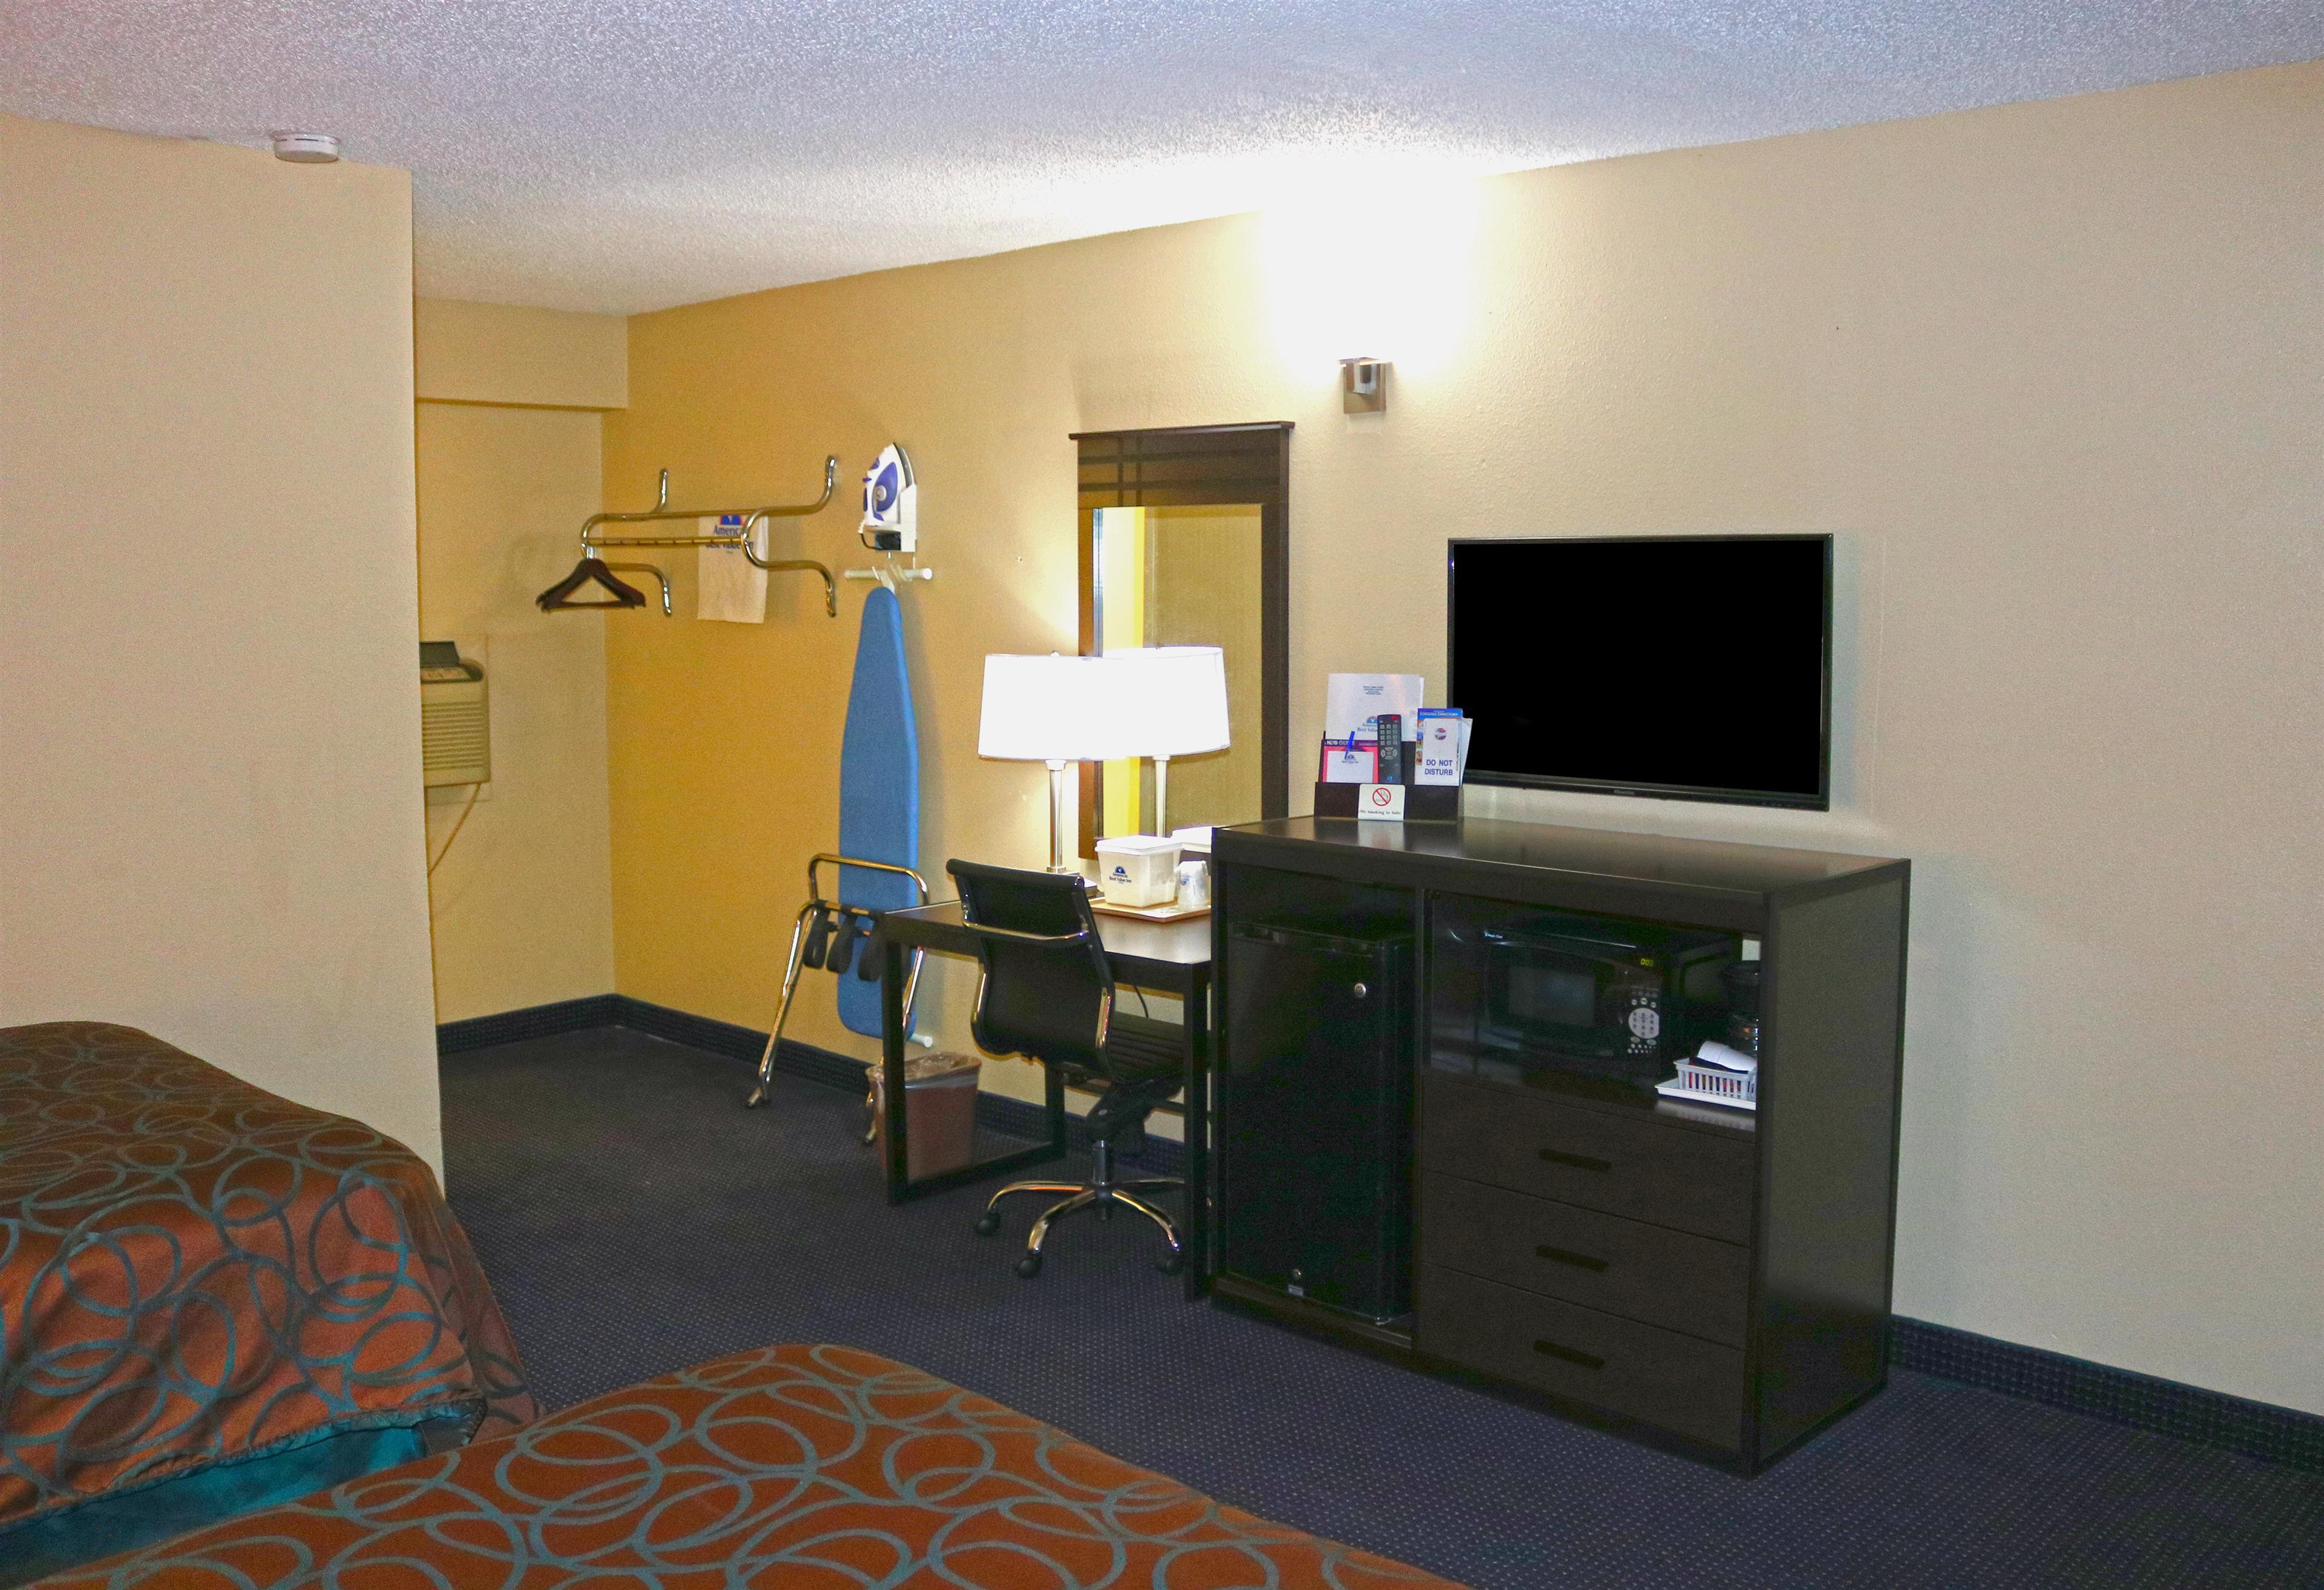 Americas Best Value Inn - Giddings image 6